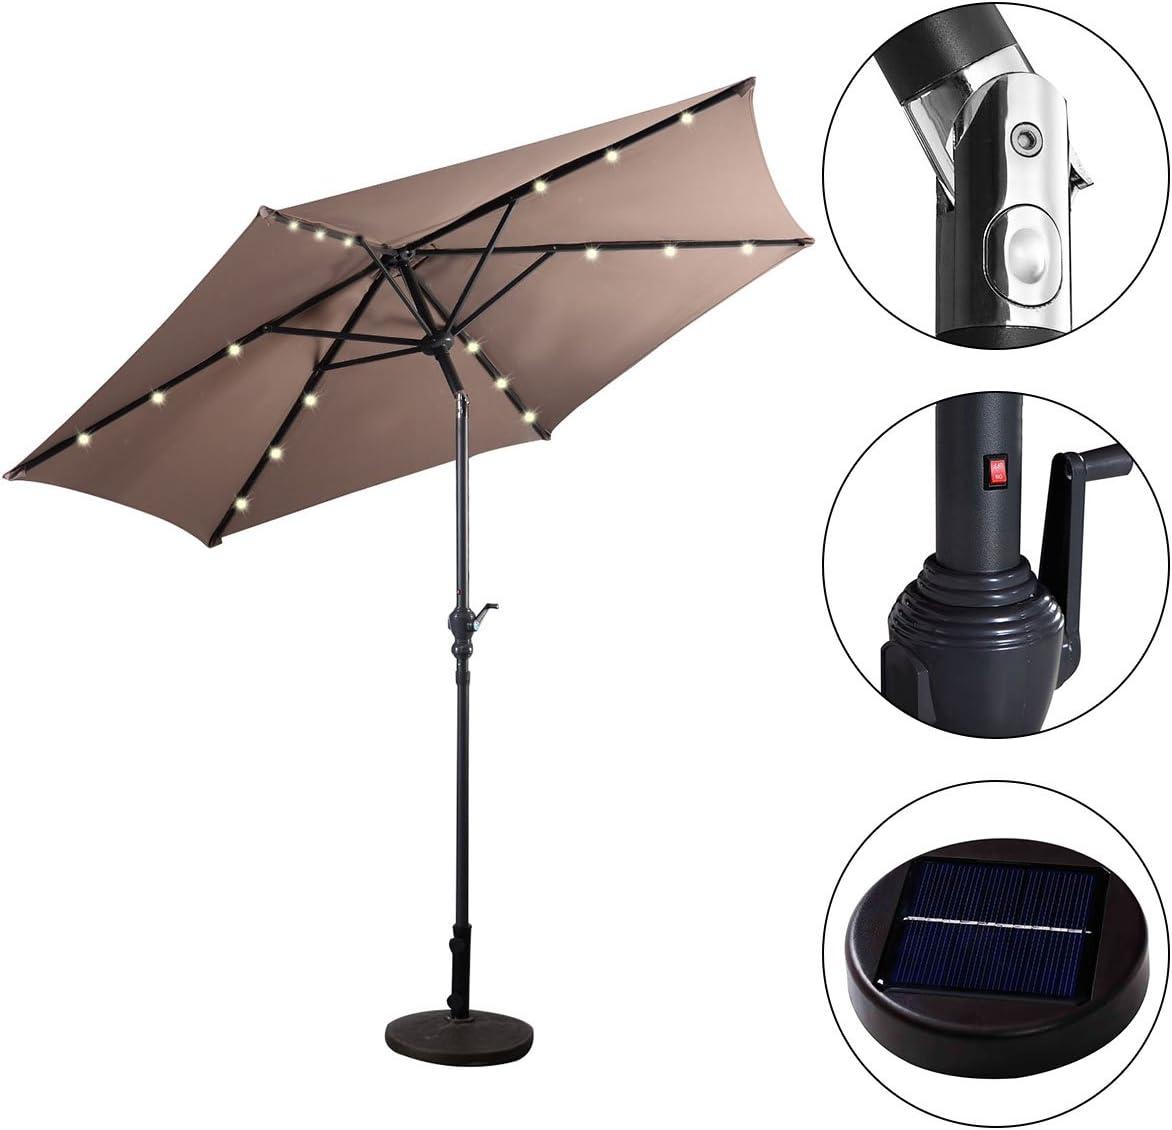 Parasole da Esterno Ombrello da Spiaggia /Ø270 cm Marrone COSTWAY Ombrellone con Luci LED da Giardino